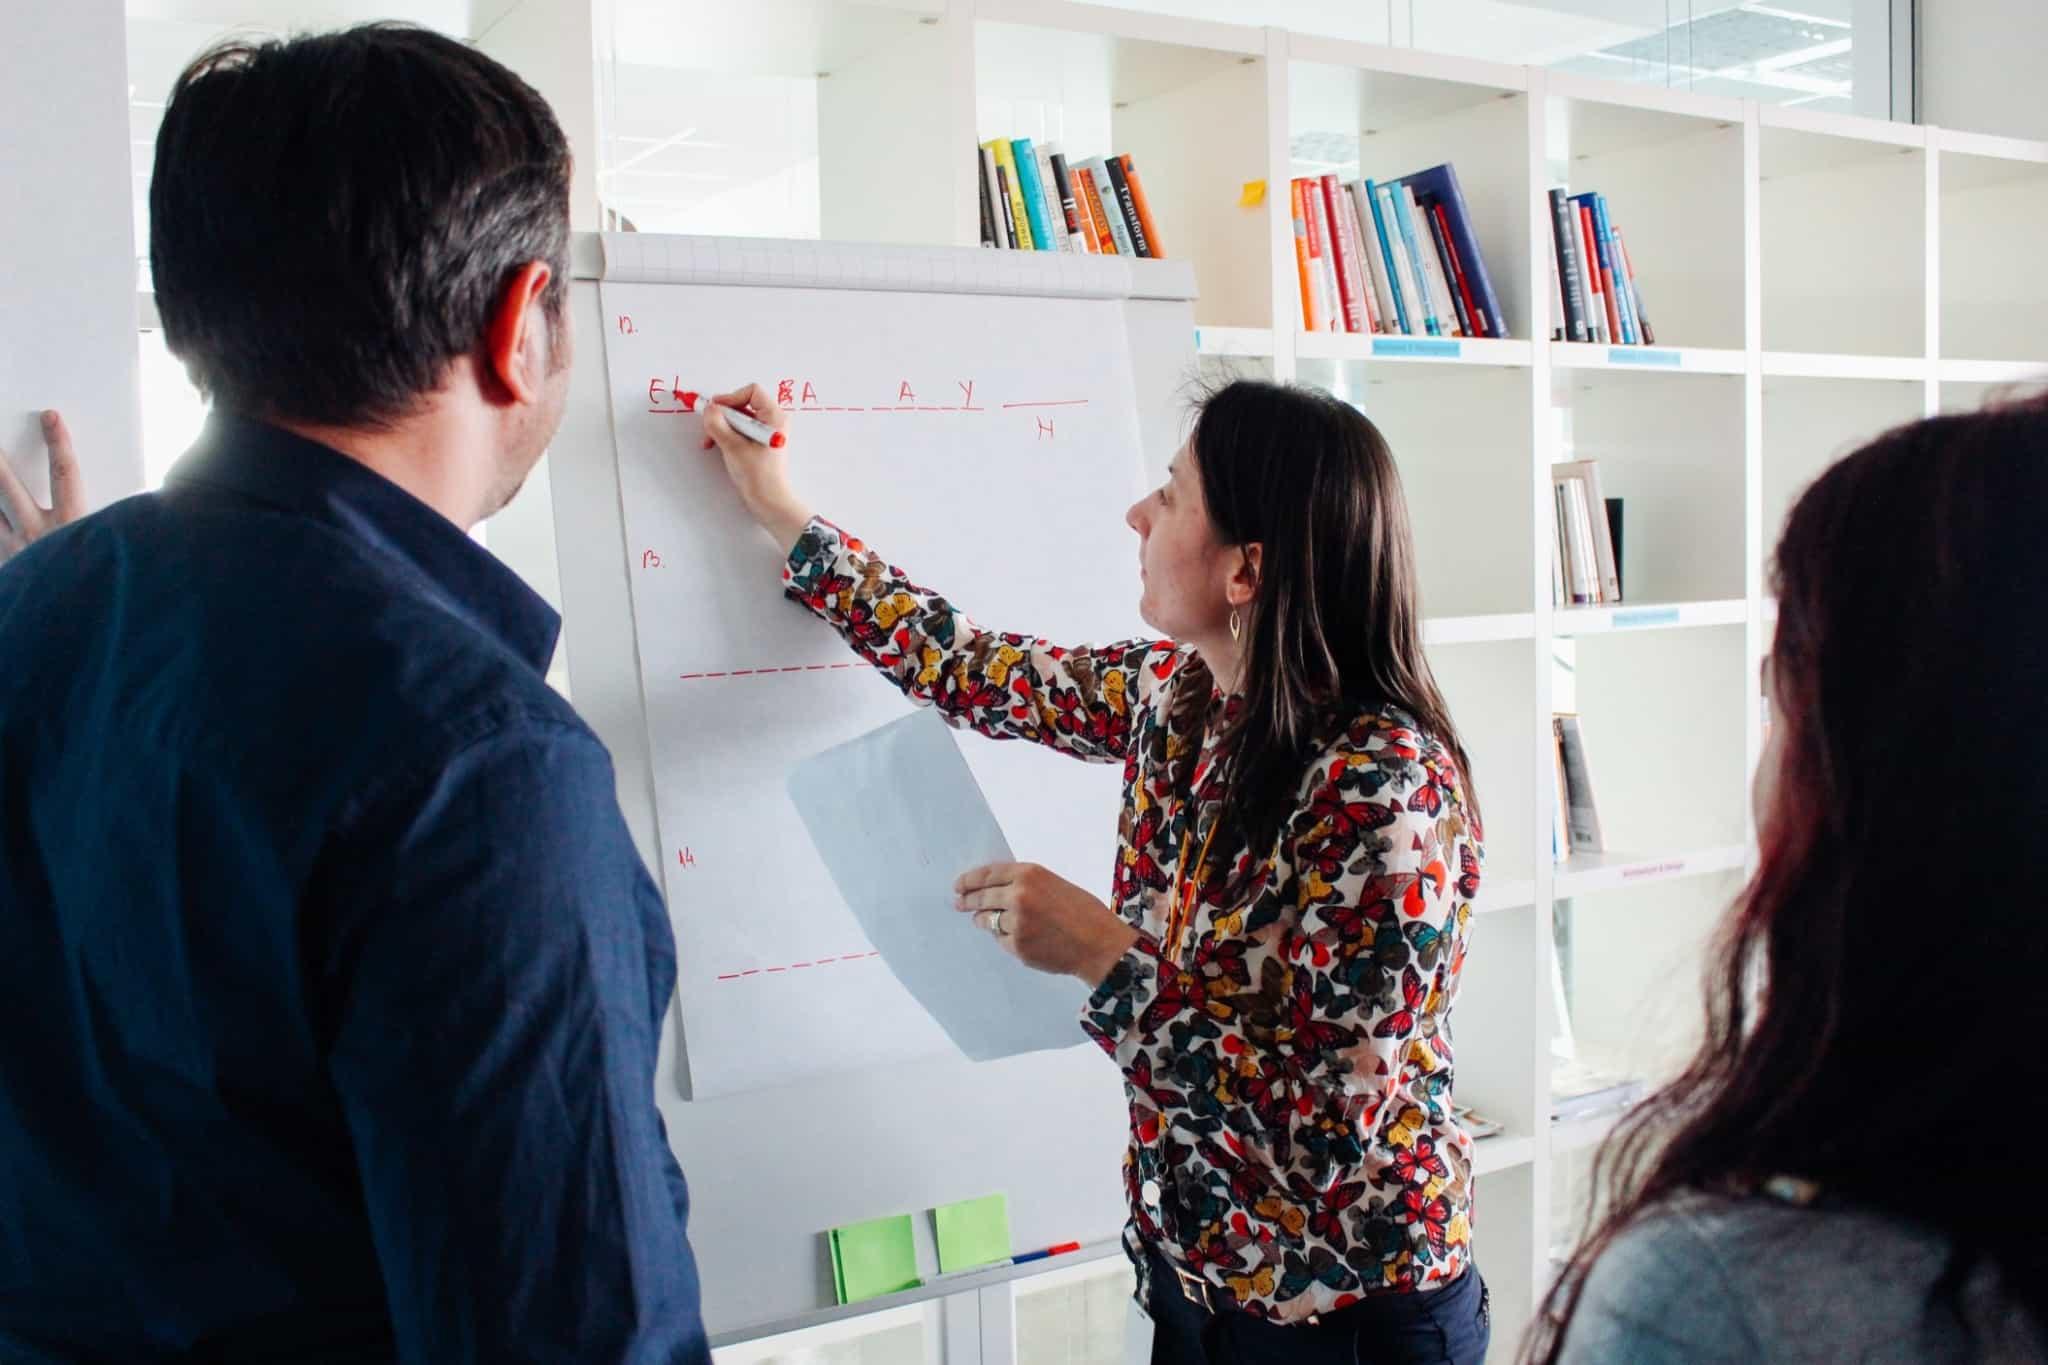 reunião de equipa em que uma mulher está a escrever num quadro branco